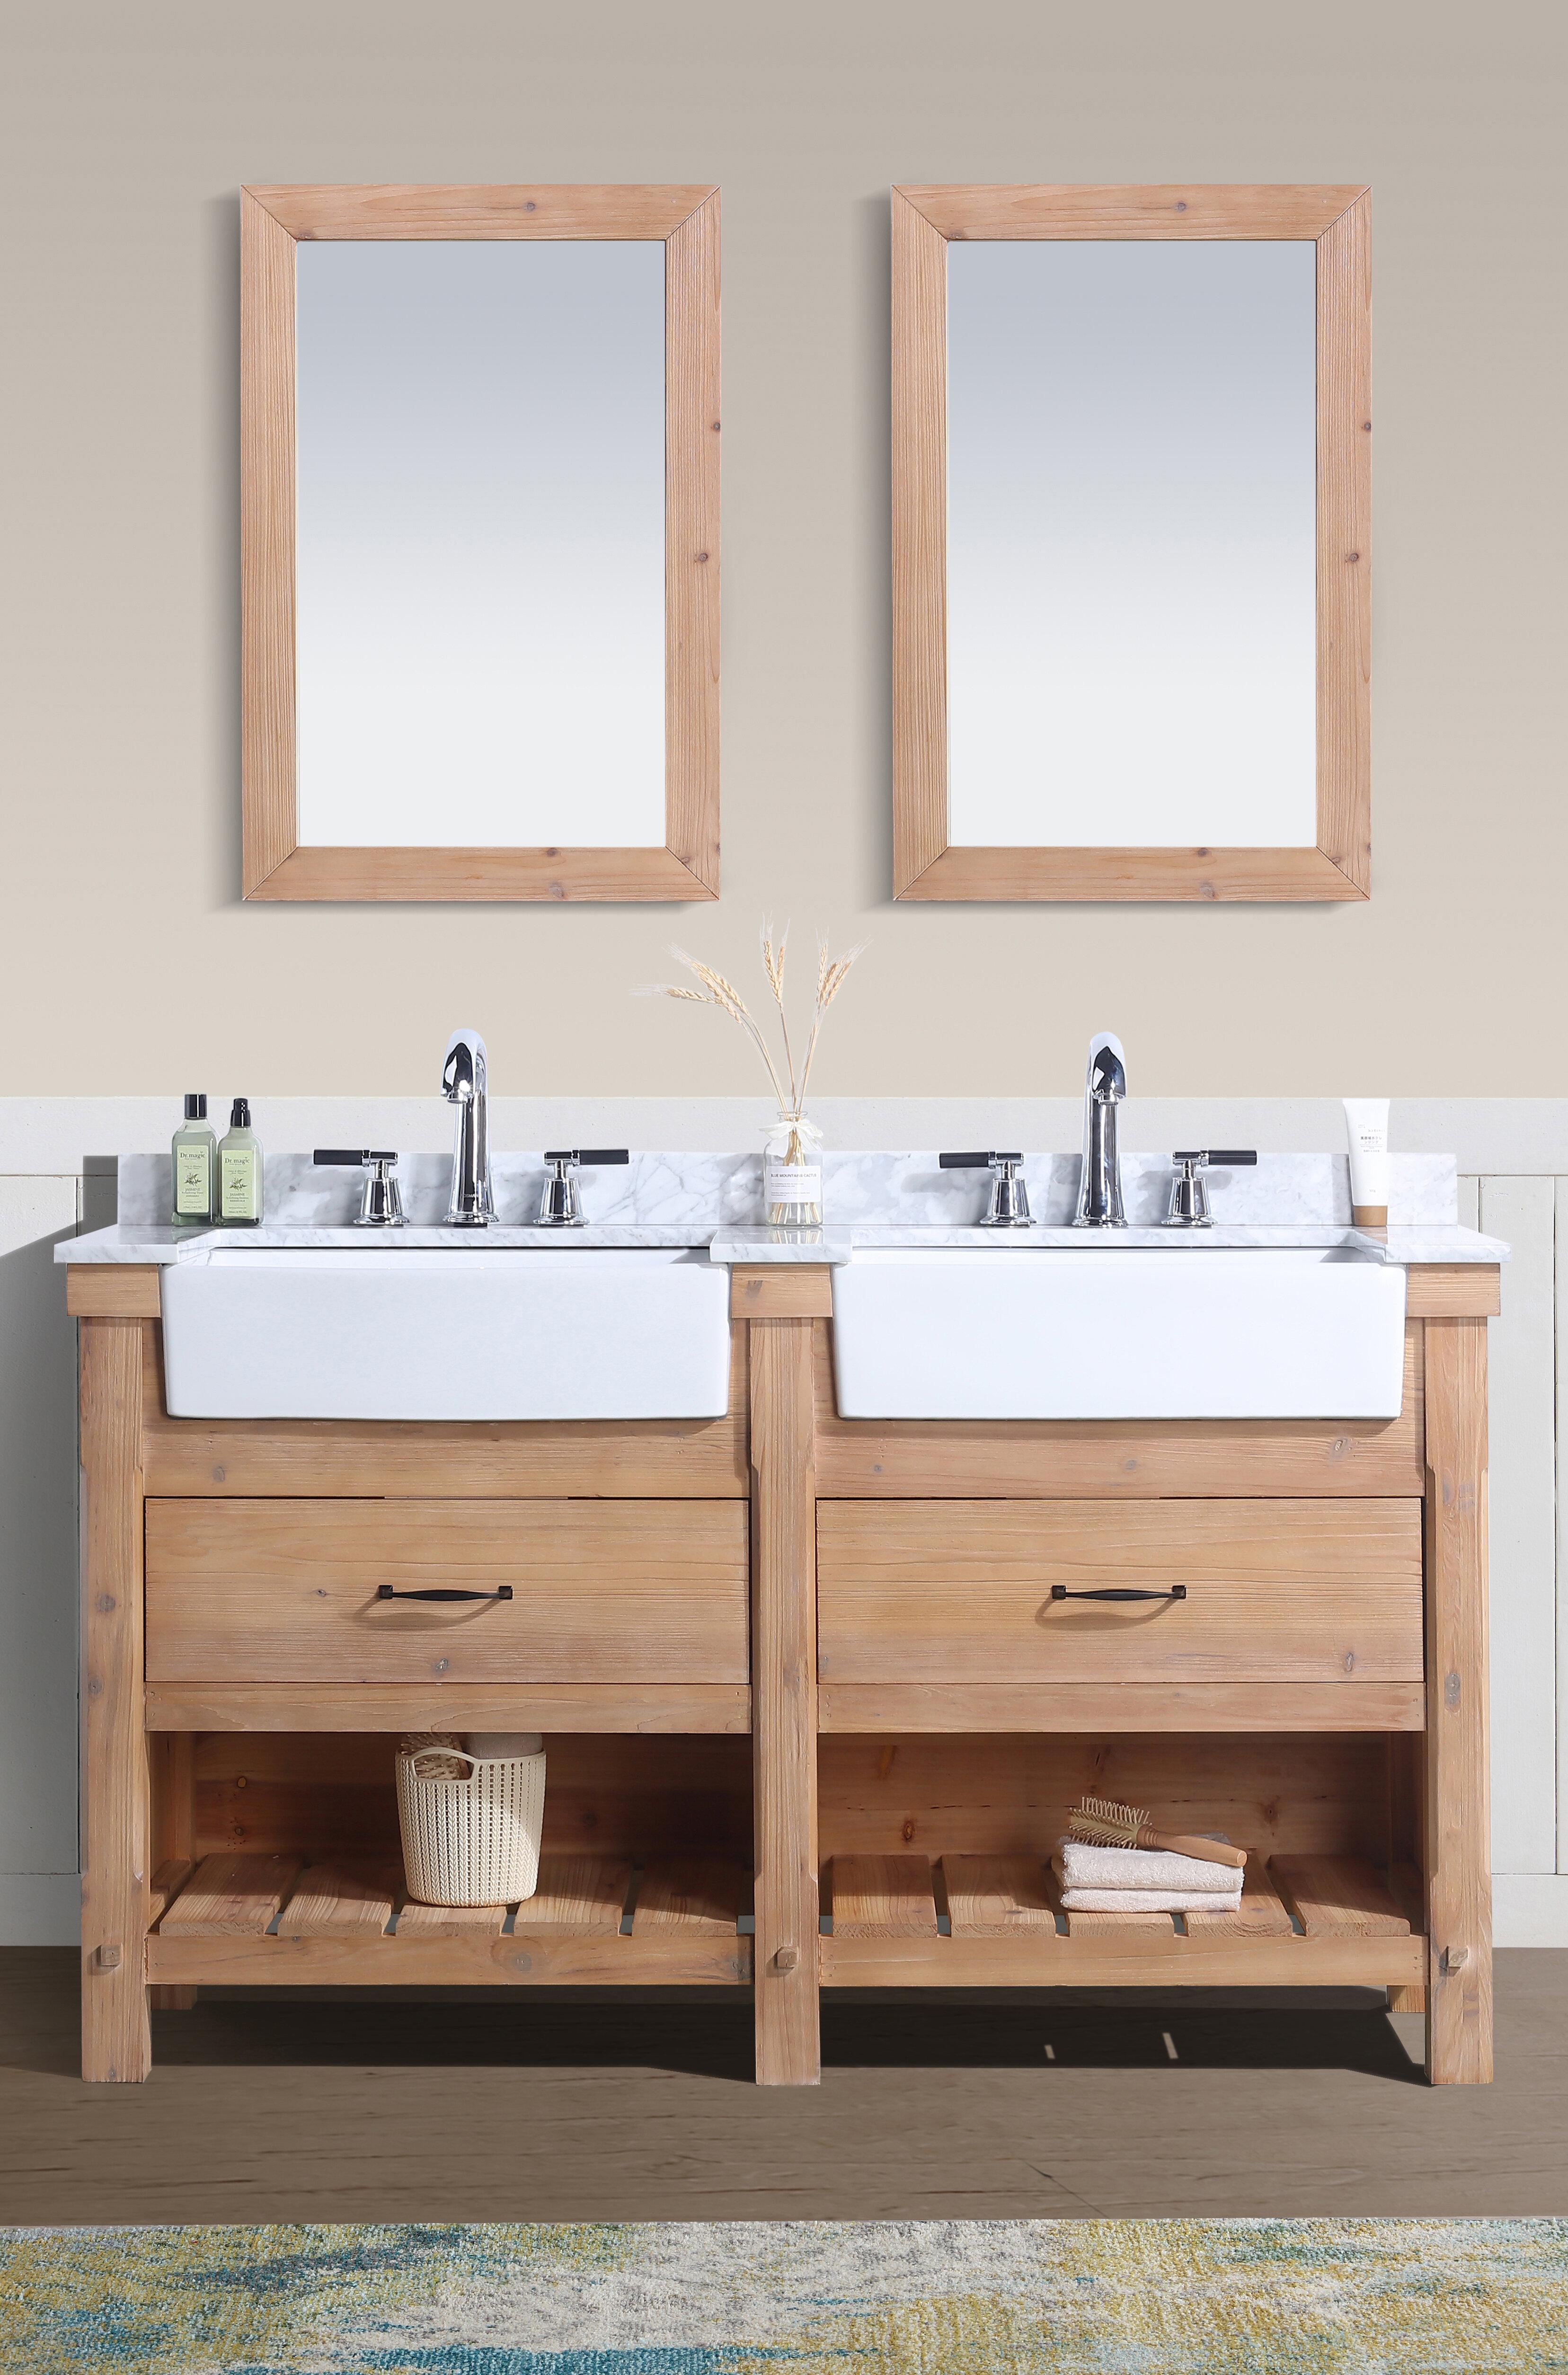 Double Light Wood Bathroom Vanities You Ll Love In 2021 Wayfair